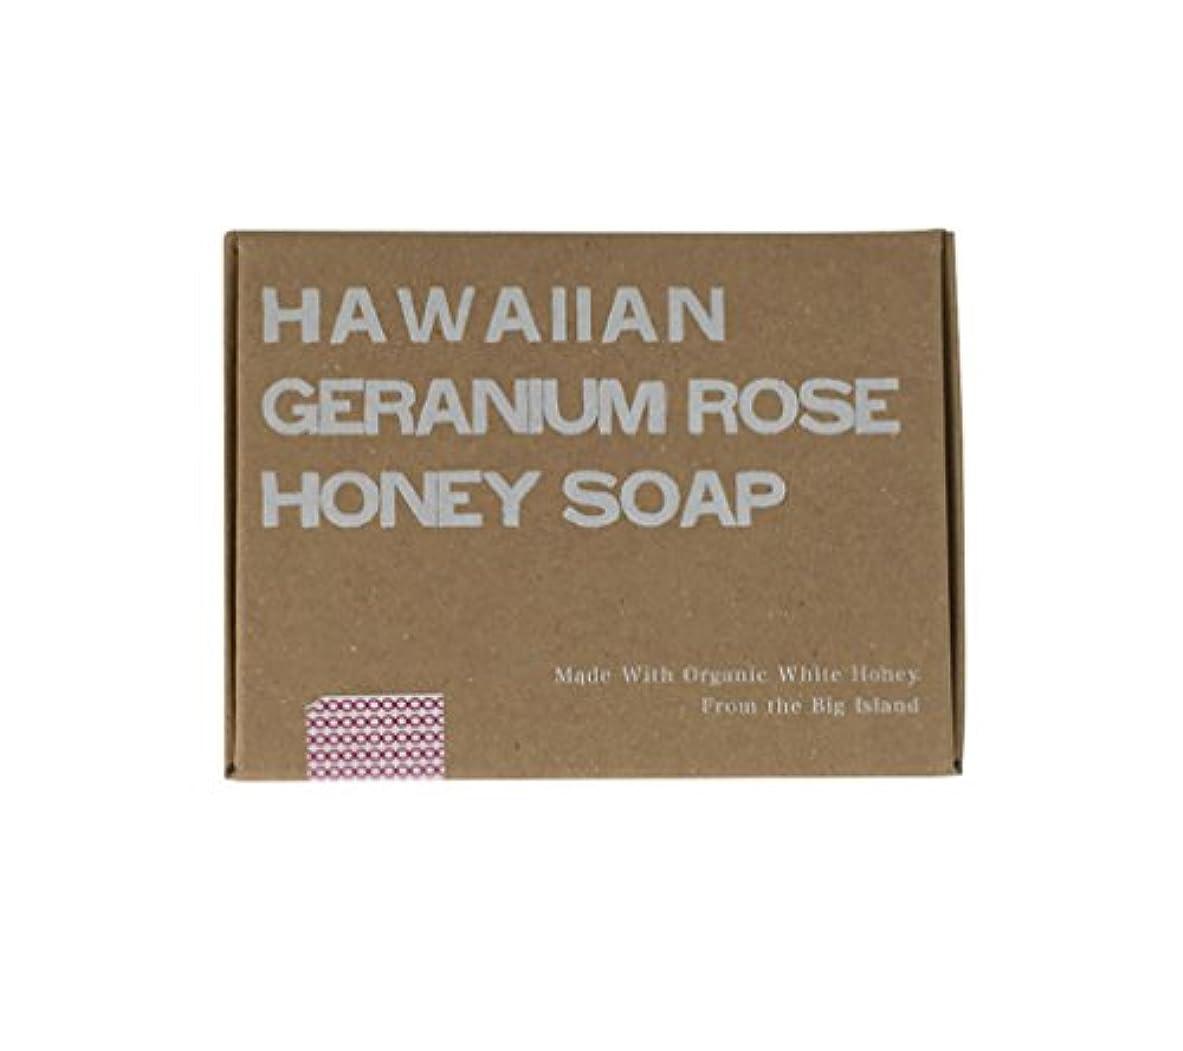 ながら実験殺人者ホワイトハニーオーガニクス ハワイアン?ゼラニウムローズ?ハニーソープ (Hawaiian Geranium Rose Honey Soap)